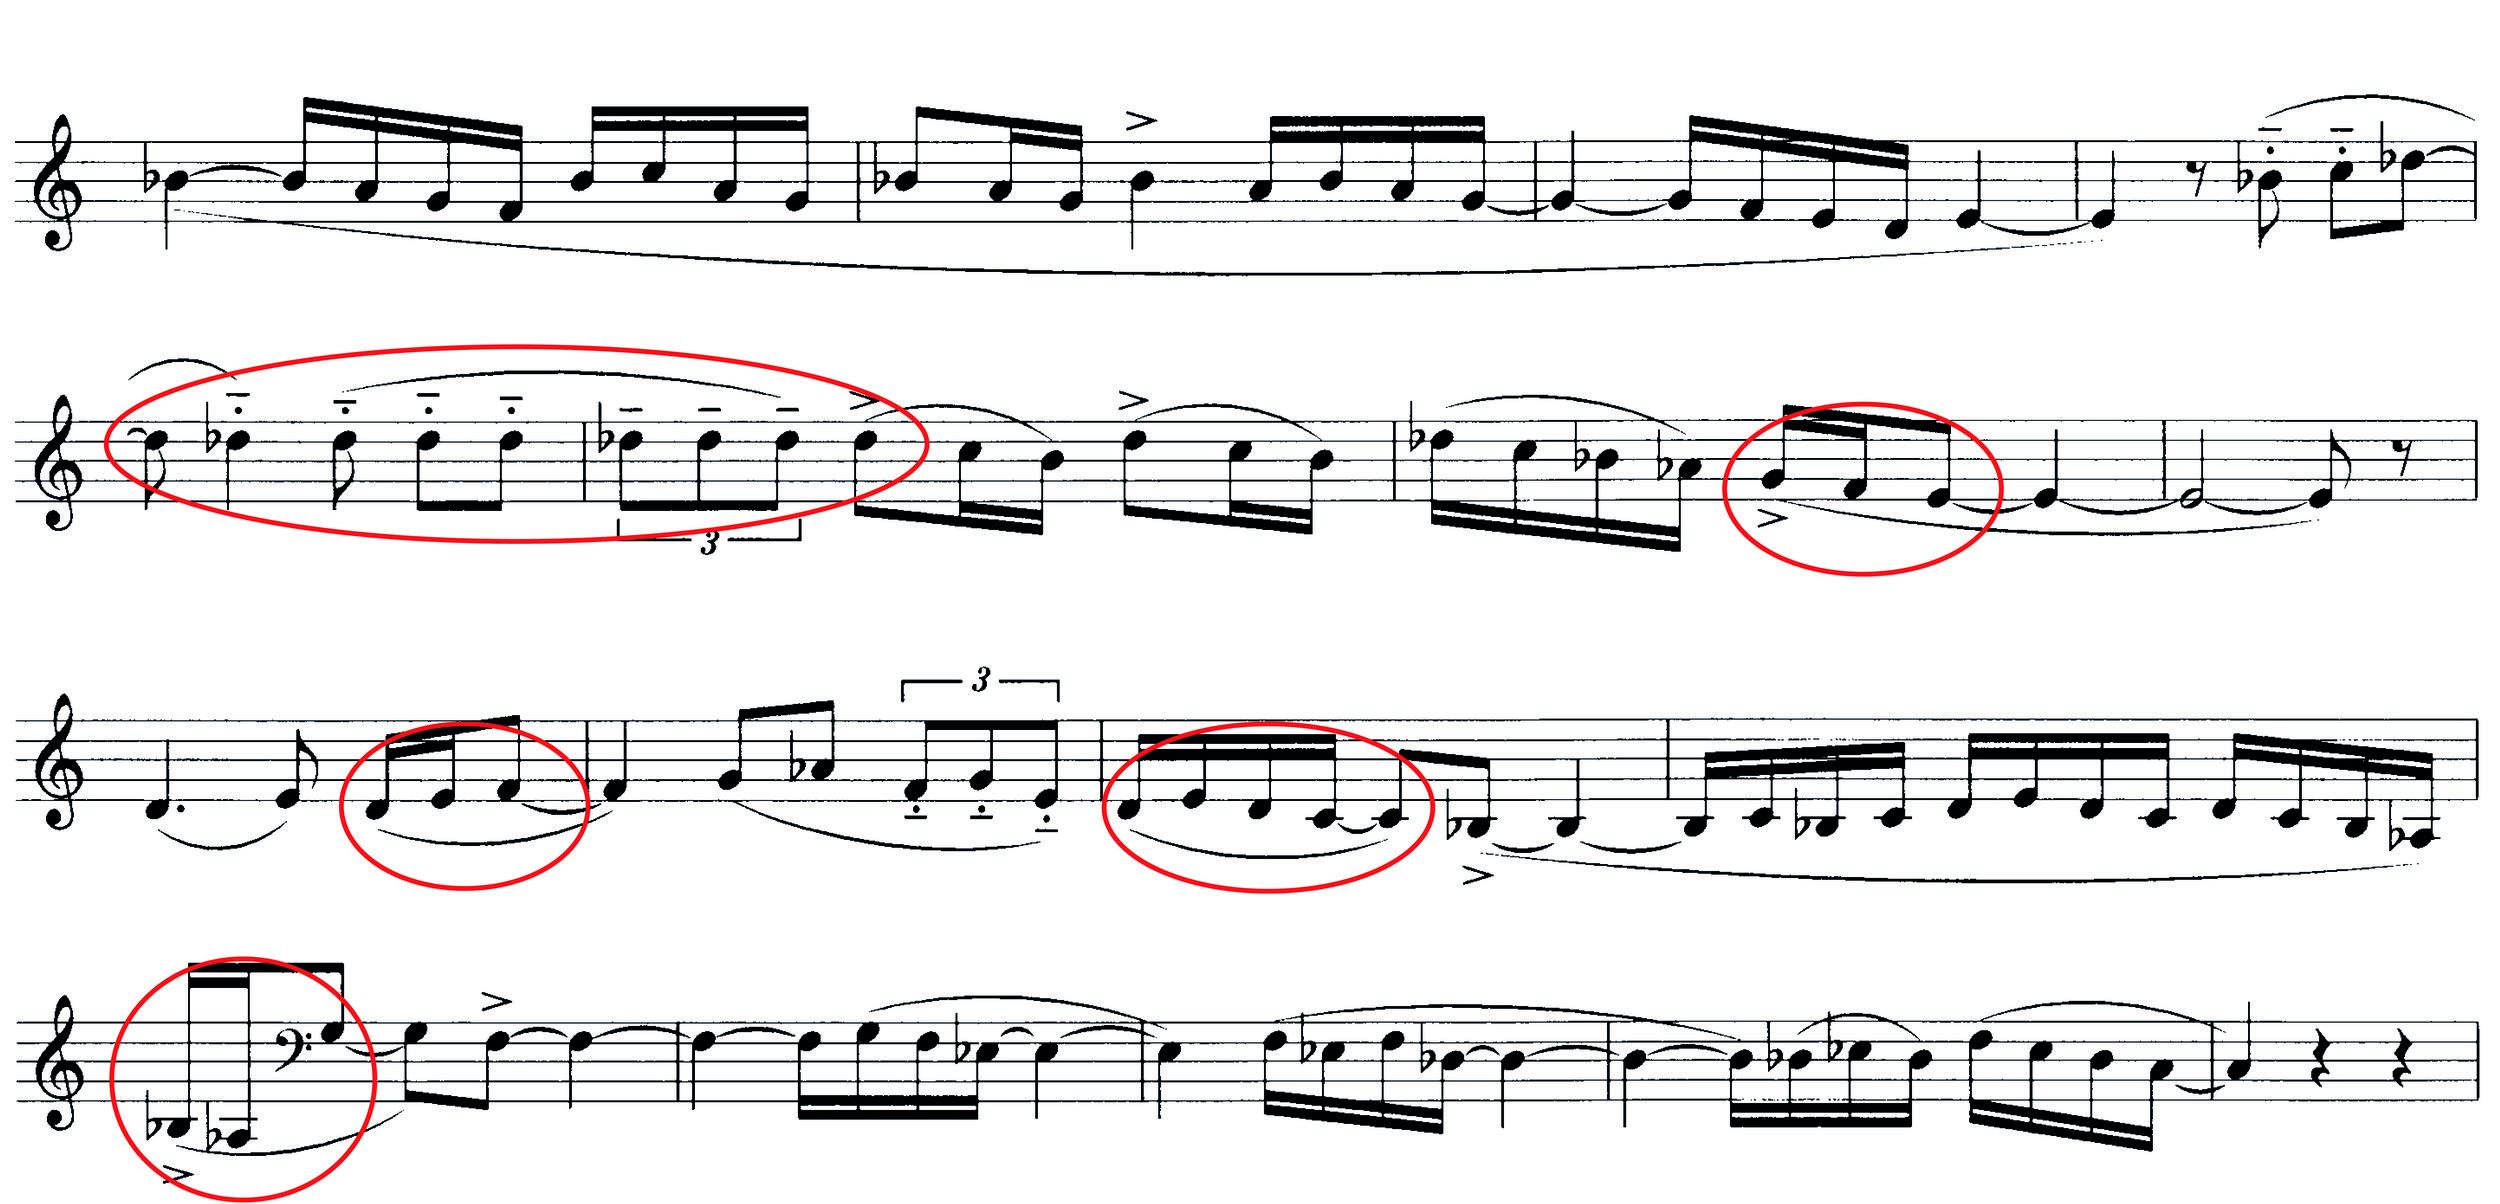 Abbildung 2: Die zweite Melodie des Boléro (B); markiert sind die Stellen, welche in Ravels Aufnahme meist mit Tempo Rubato gestaltet werden.